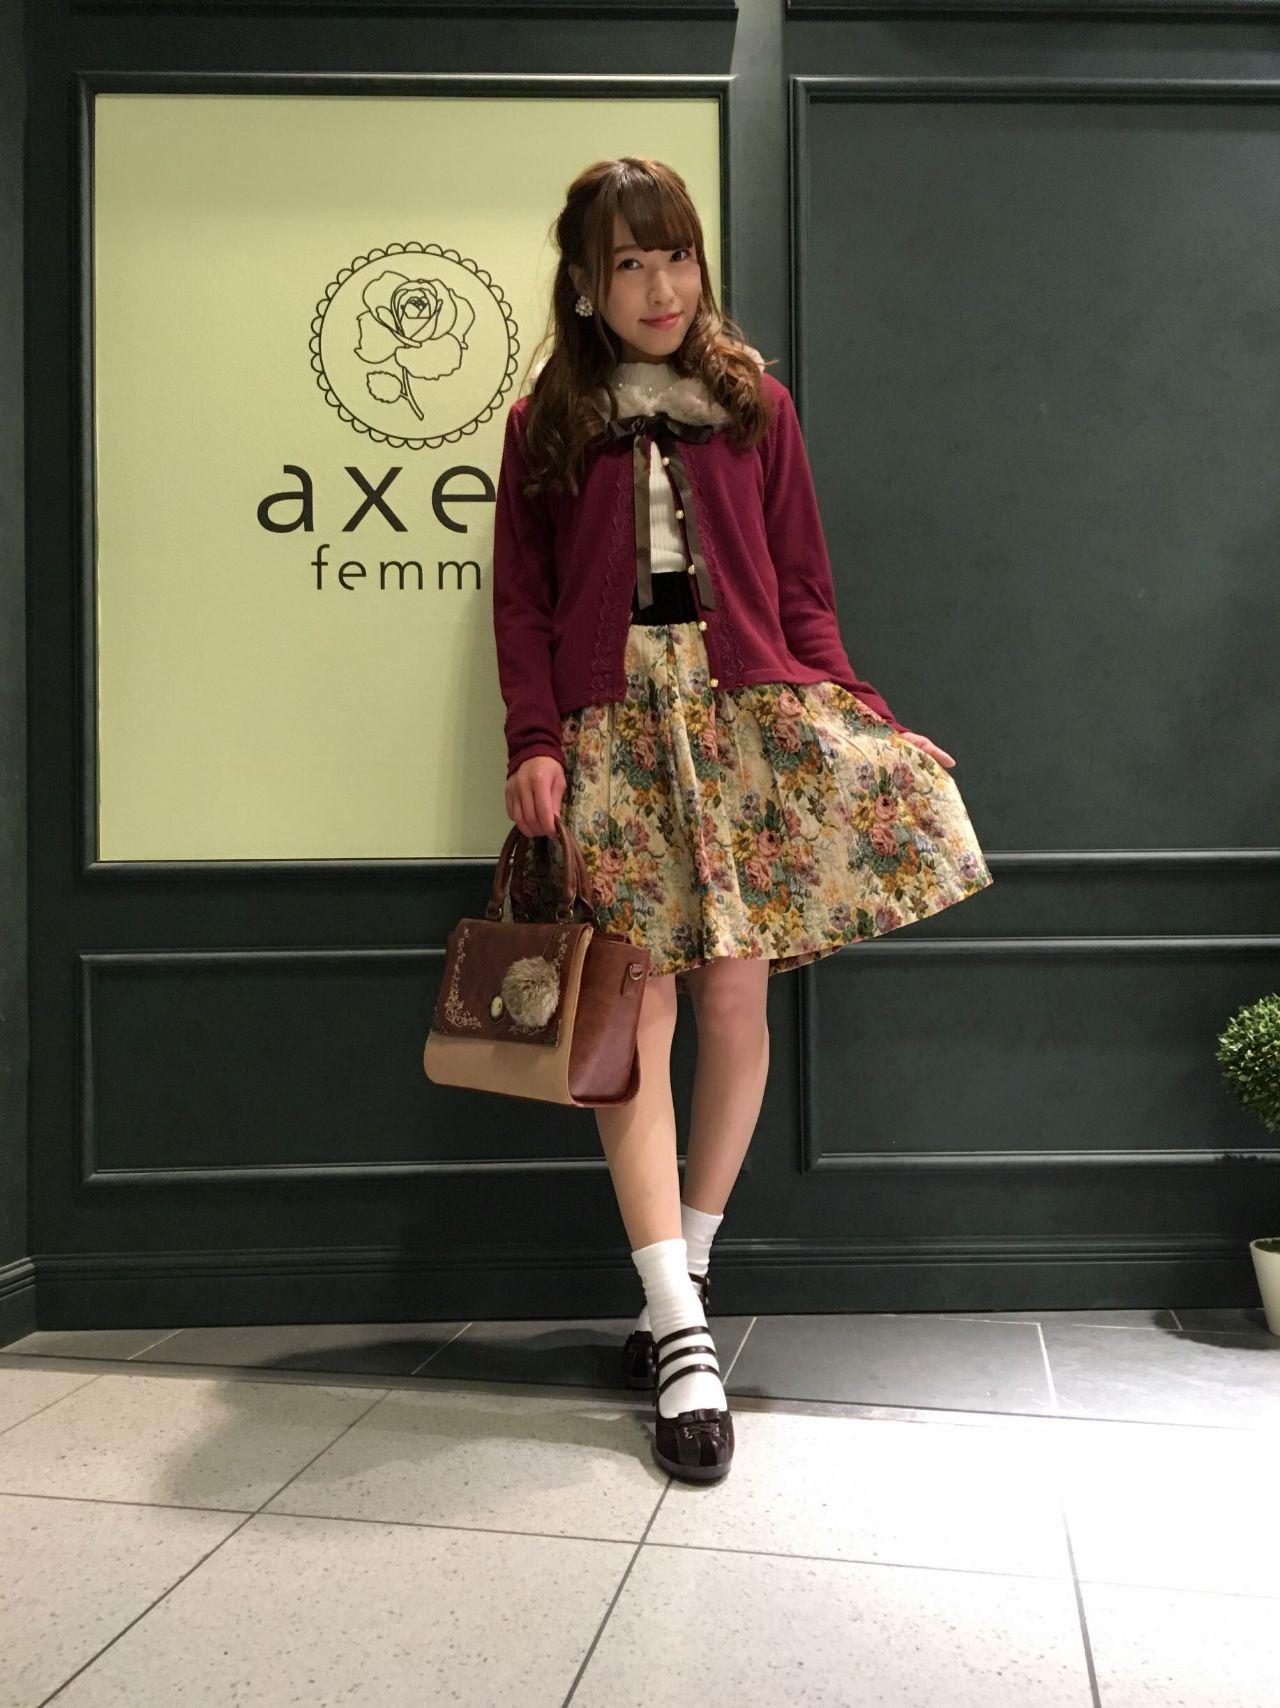 アクシーズ ファム ブログ はてなアンテナ - axes femme アンテナ